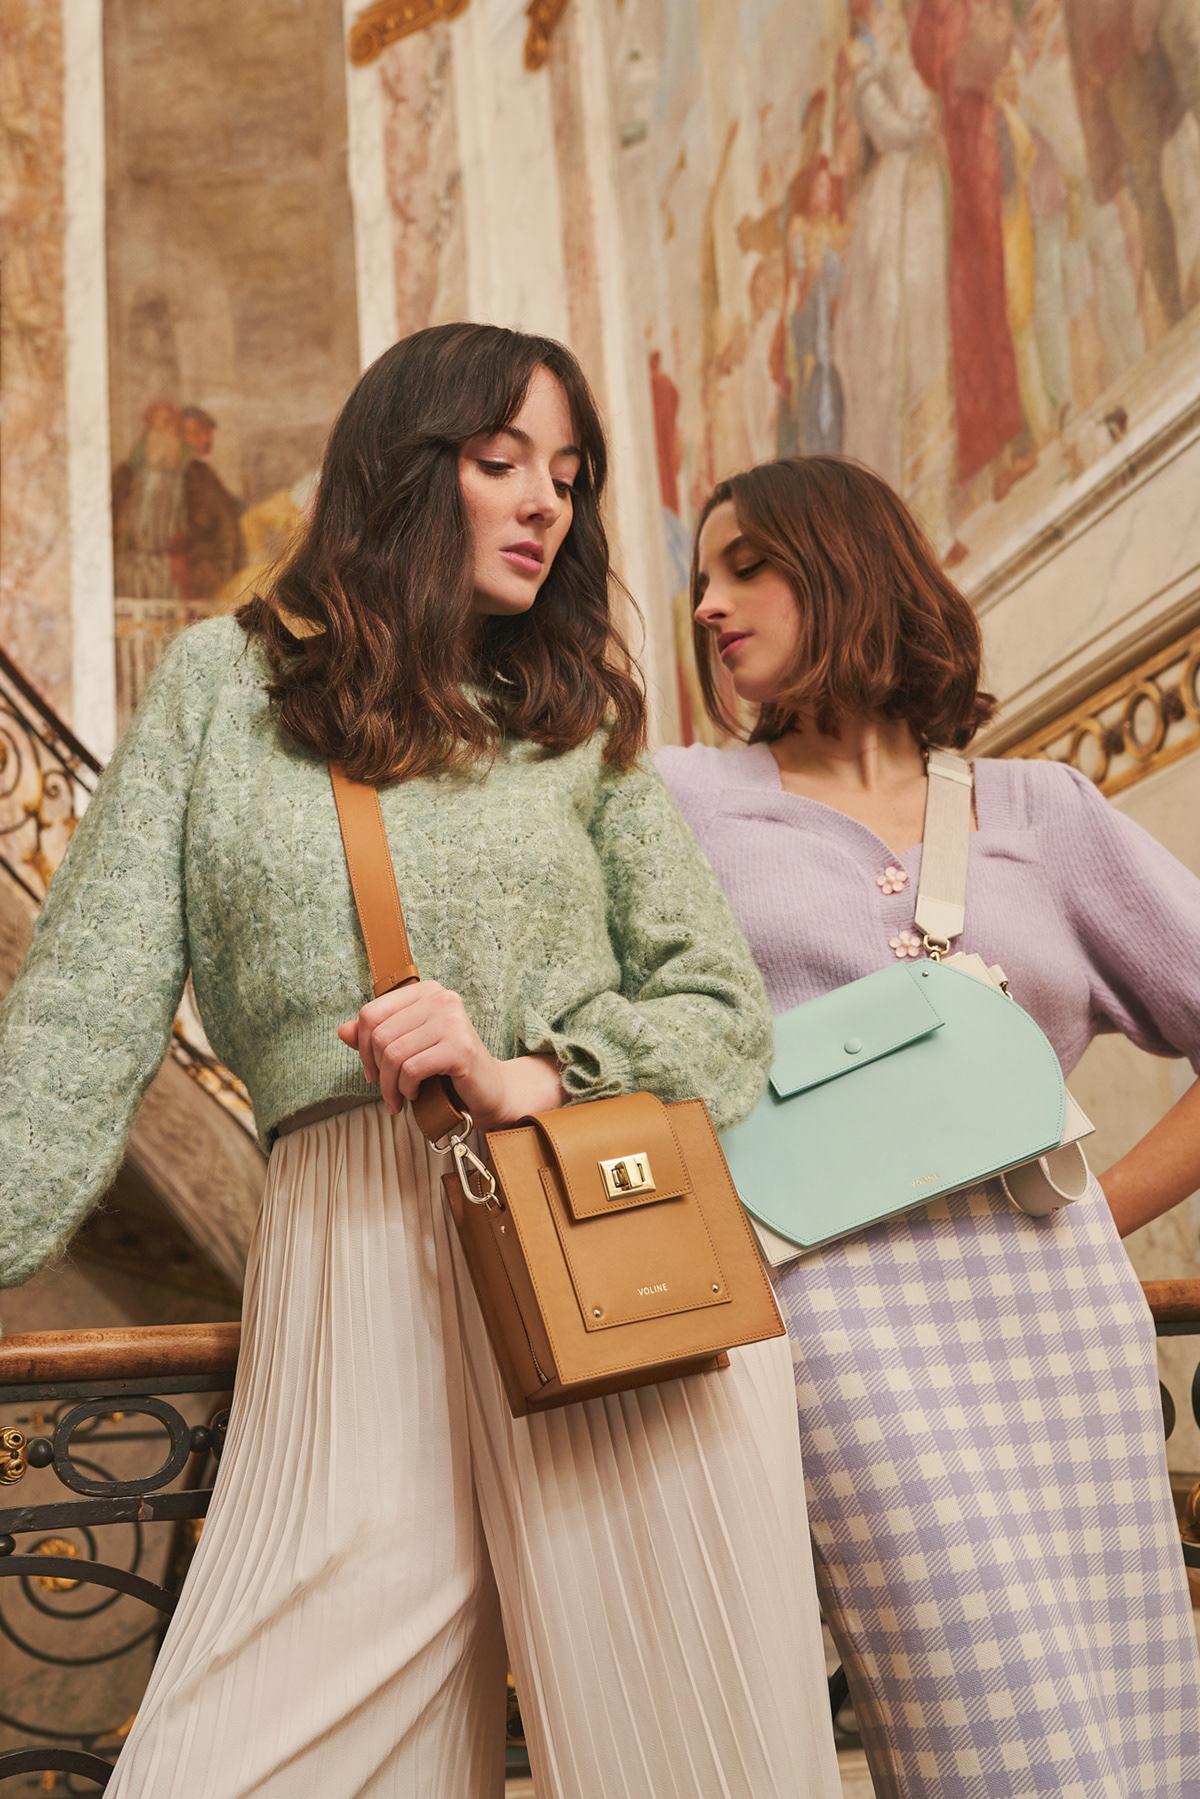 bag bags Fashion  Maroquinerie Mode models musée museum parisian parisienne